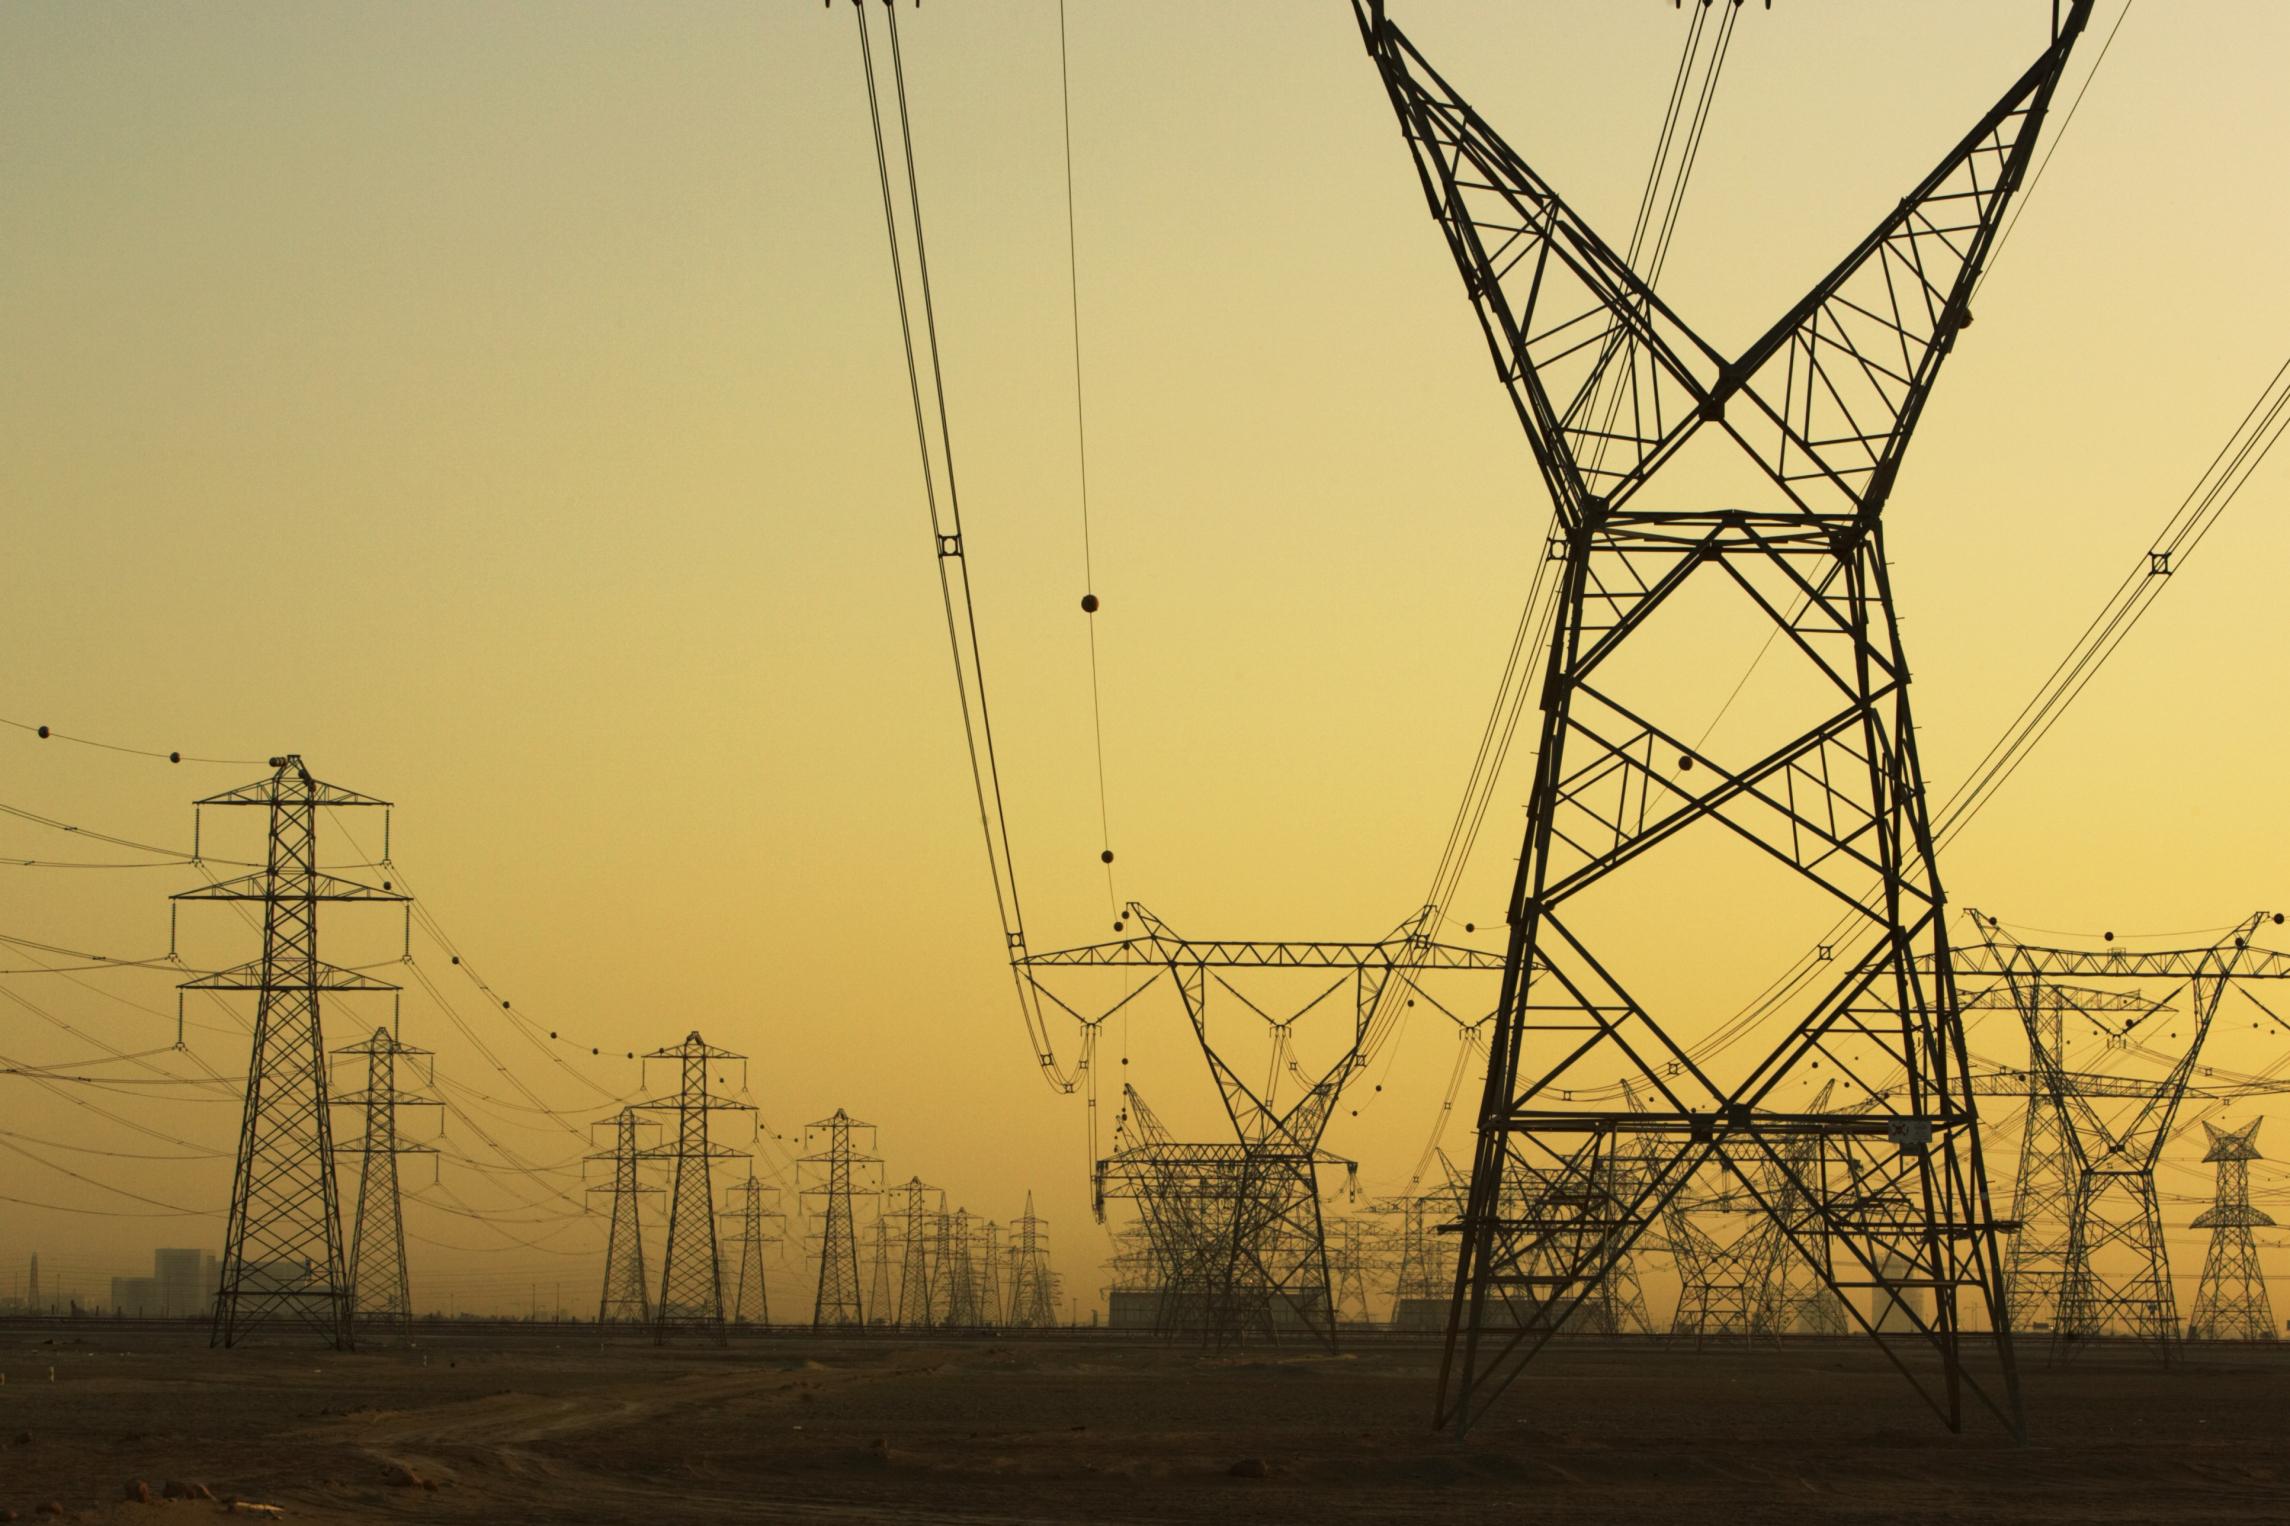 В 2011 году Чешская Республика экспортировало рекордный объём электроэнергии.